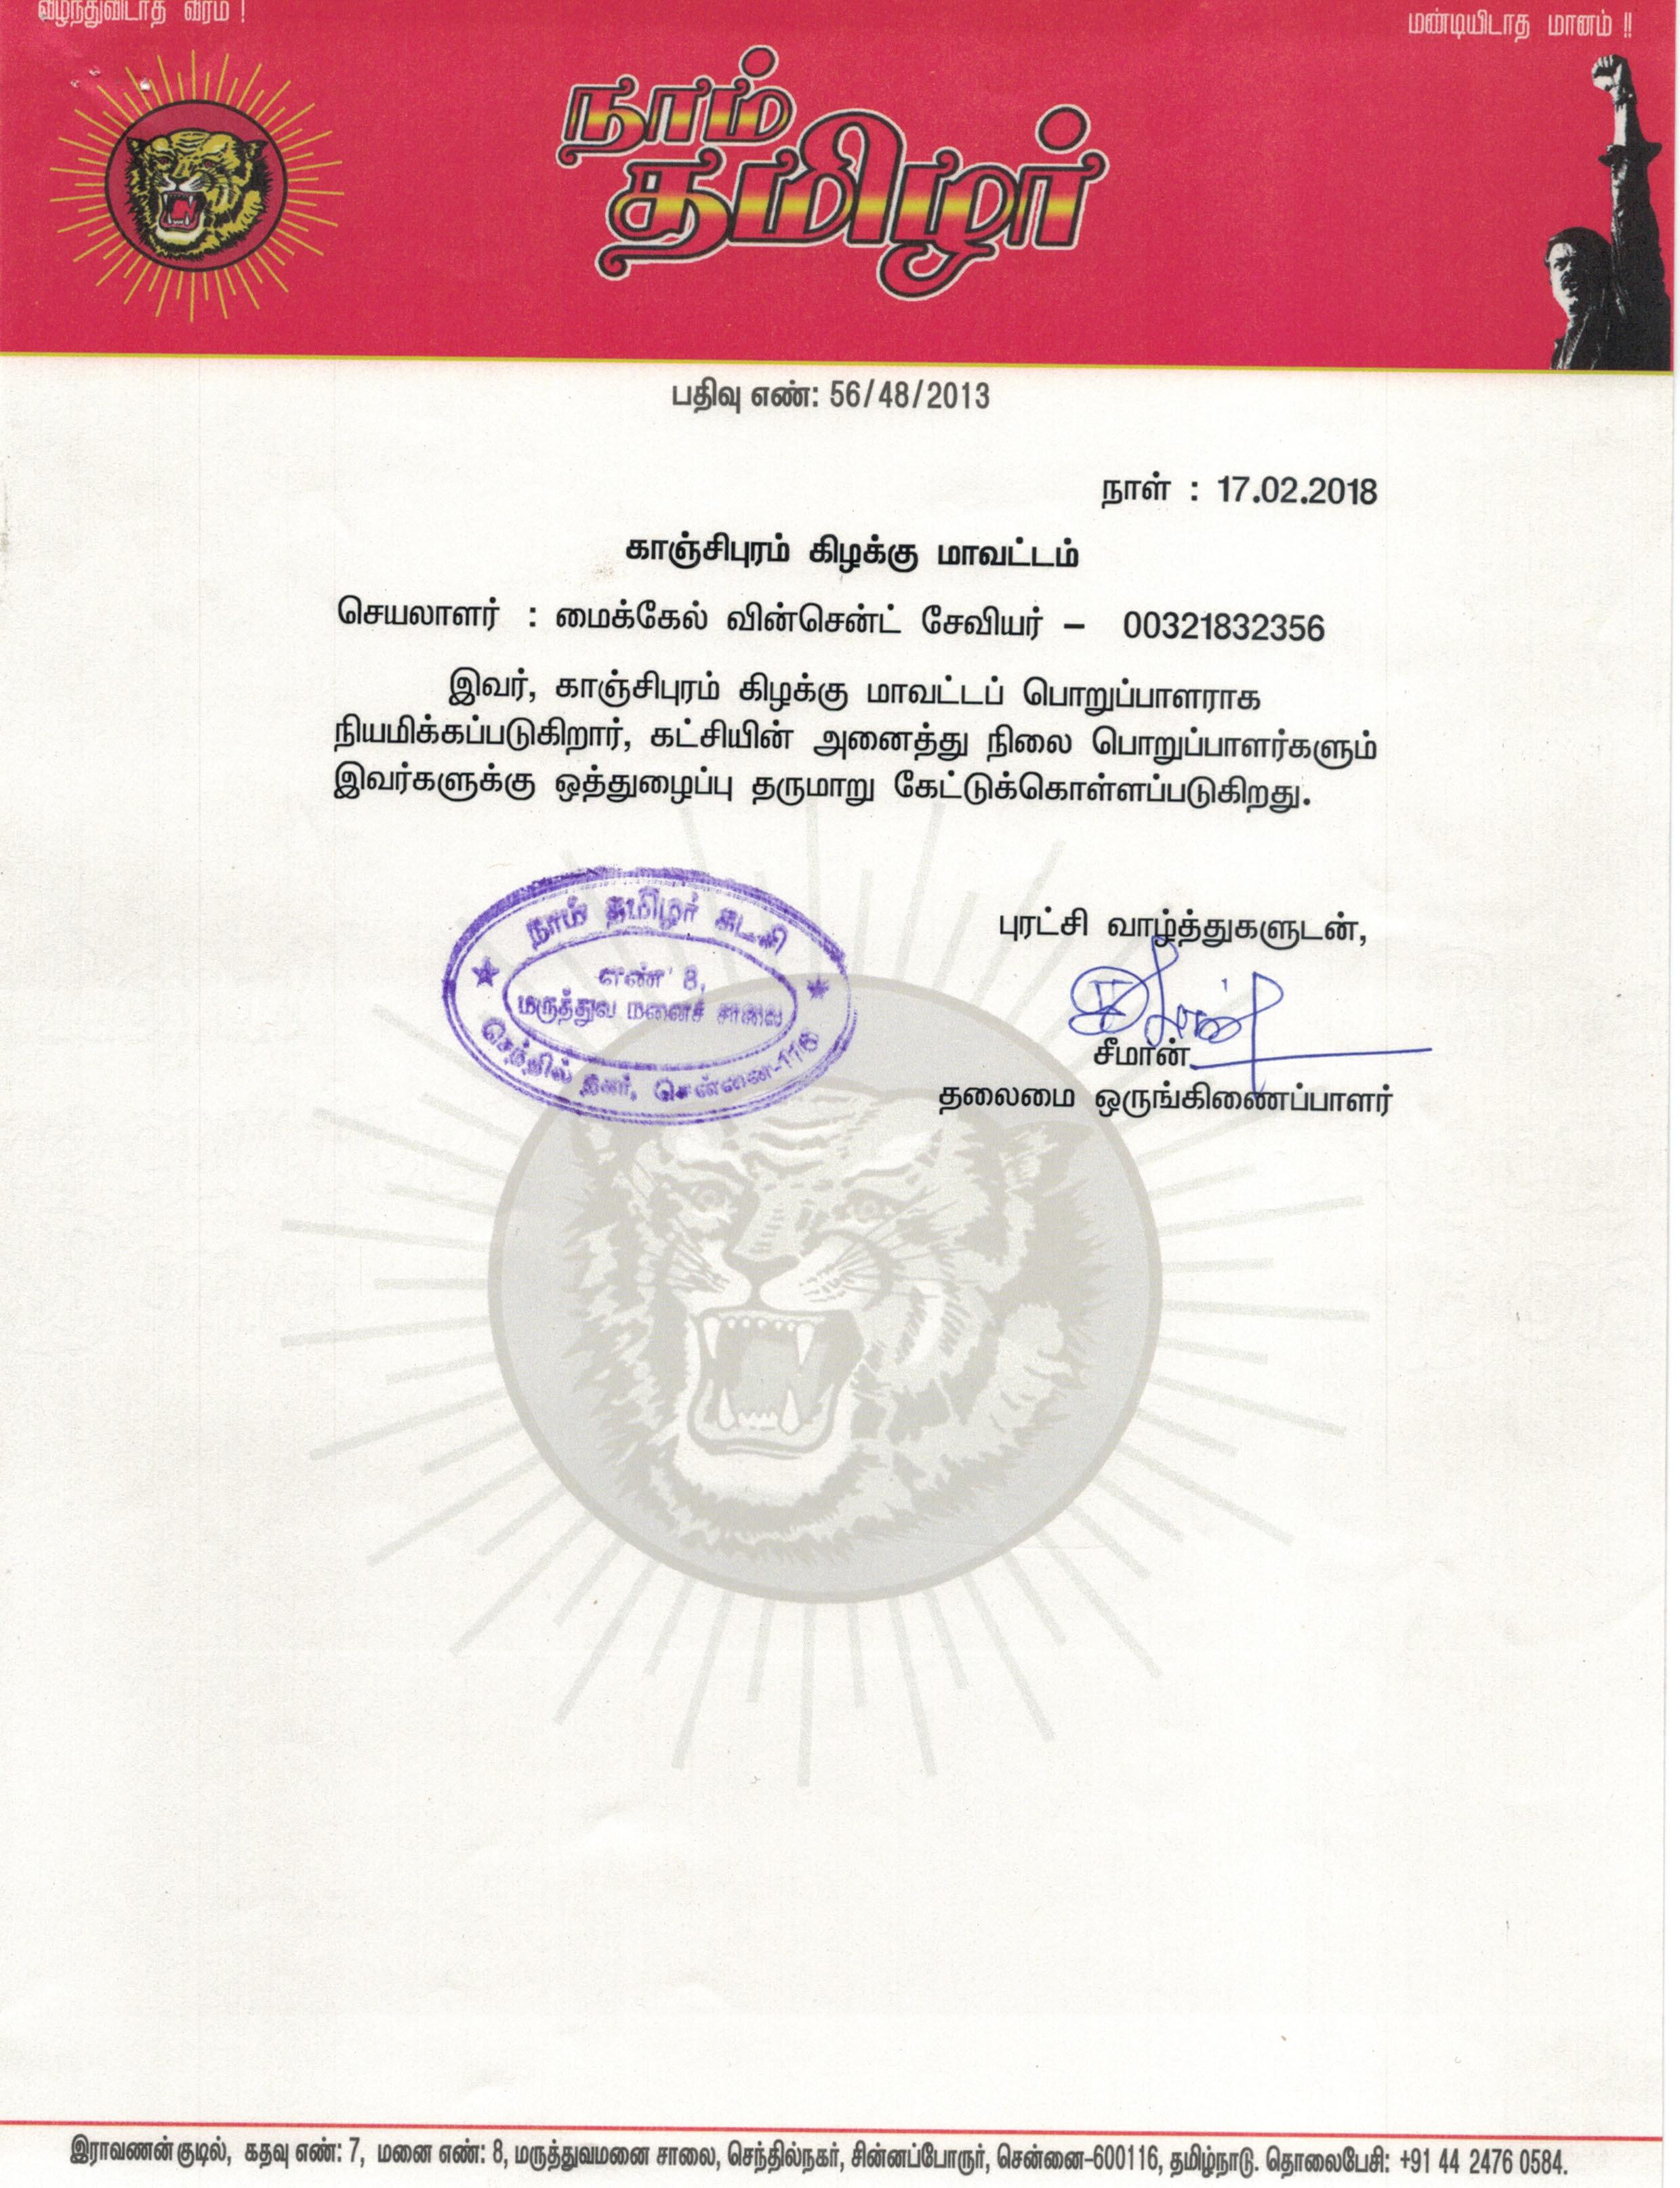 மாவட்டப் பொறுப்பாளர்களுடன் சீமான் சந்திப்பு மற்றும் புதிய நிர்வாகிகள் நியமனம் – (காஞ்சிபுரம் : கிழக்கு மண்டலம் ) seeman announced kanjipuram east mikel vincent xavier naam tamilar katchi authorities 2018